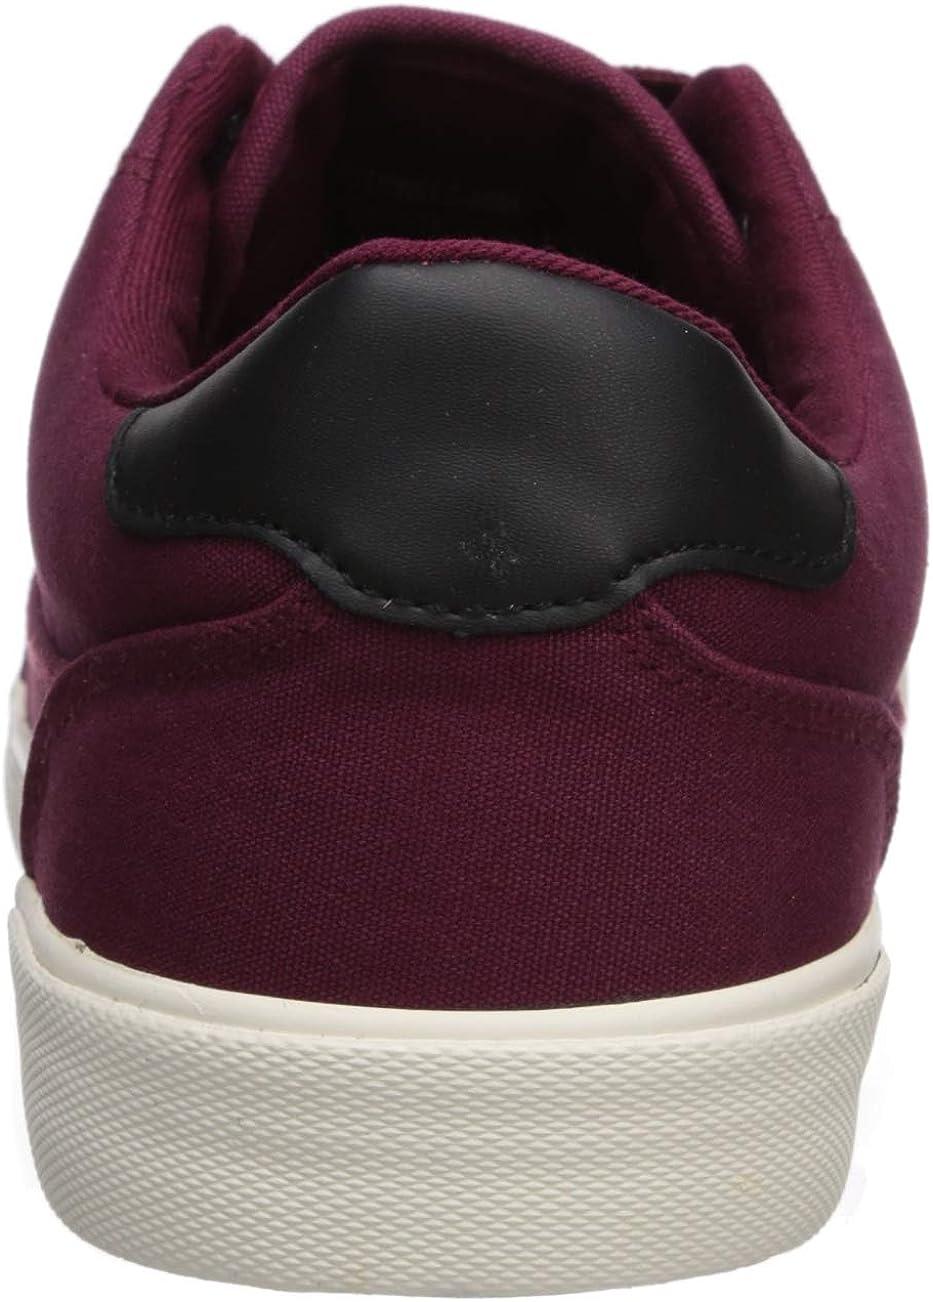 Lugz Mens Stockwell Sneaker